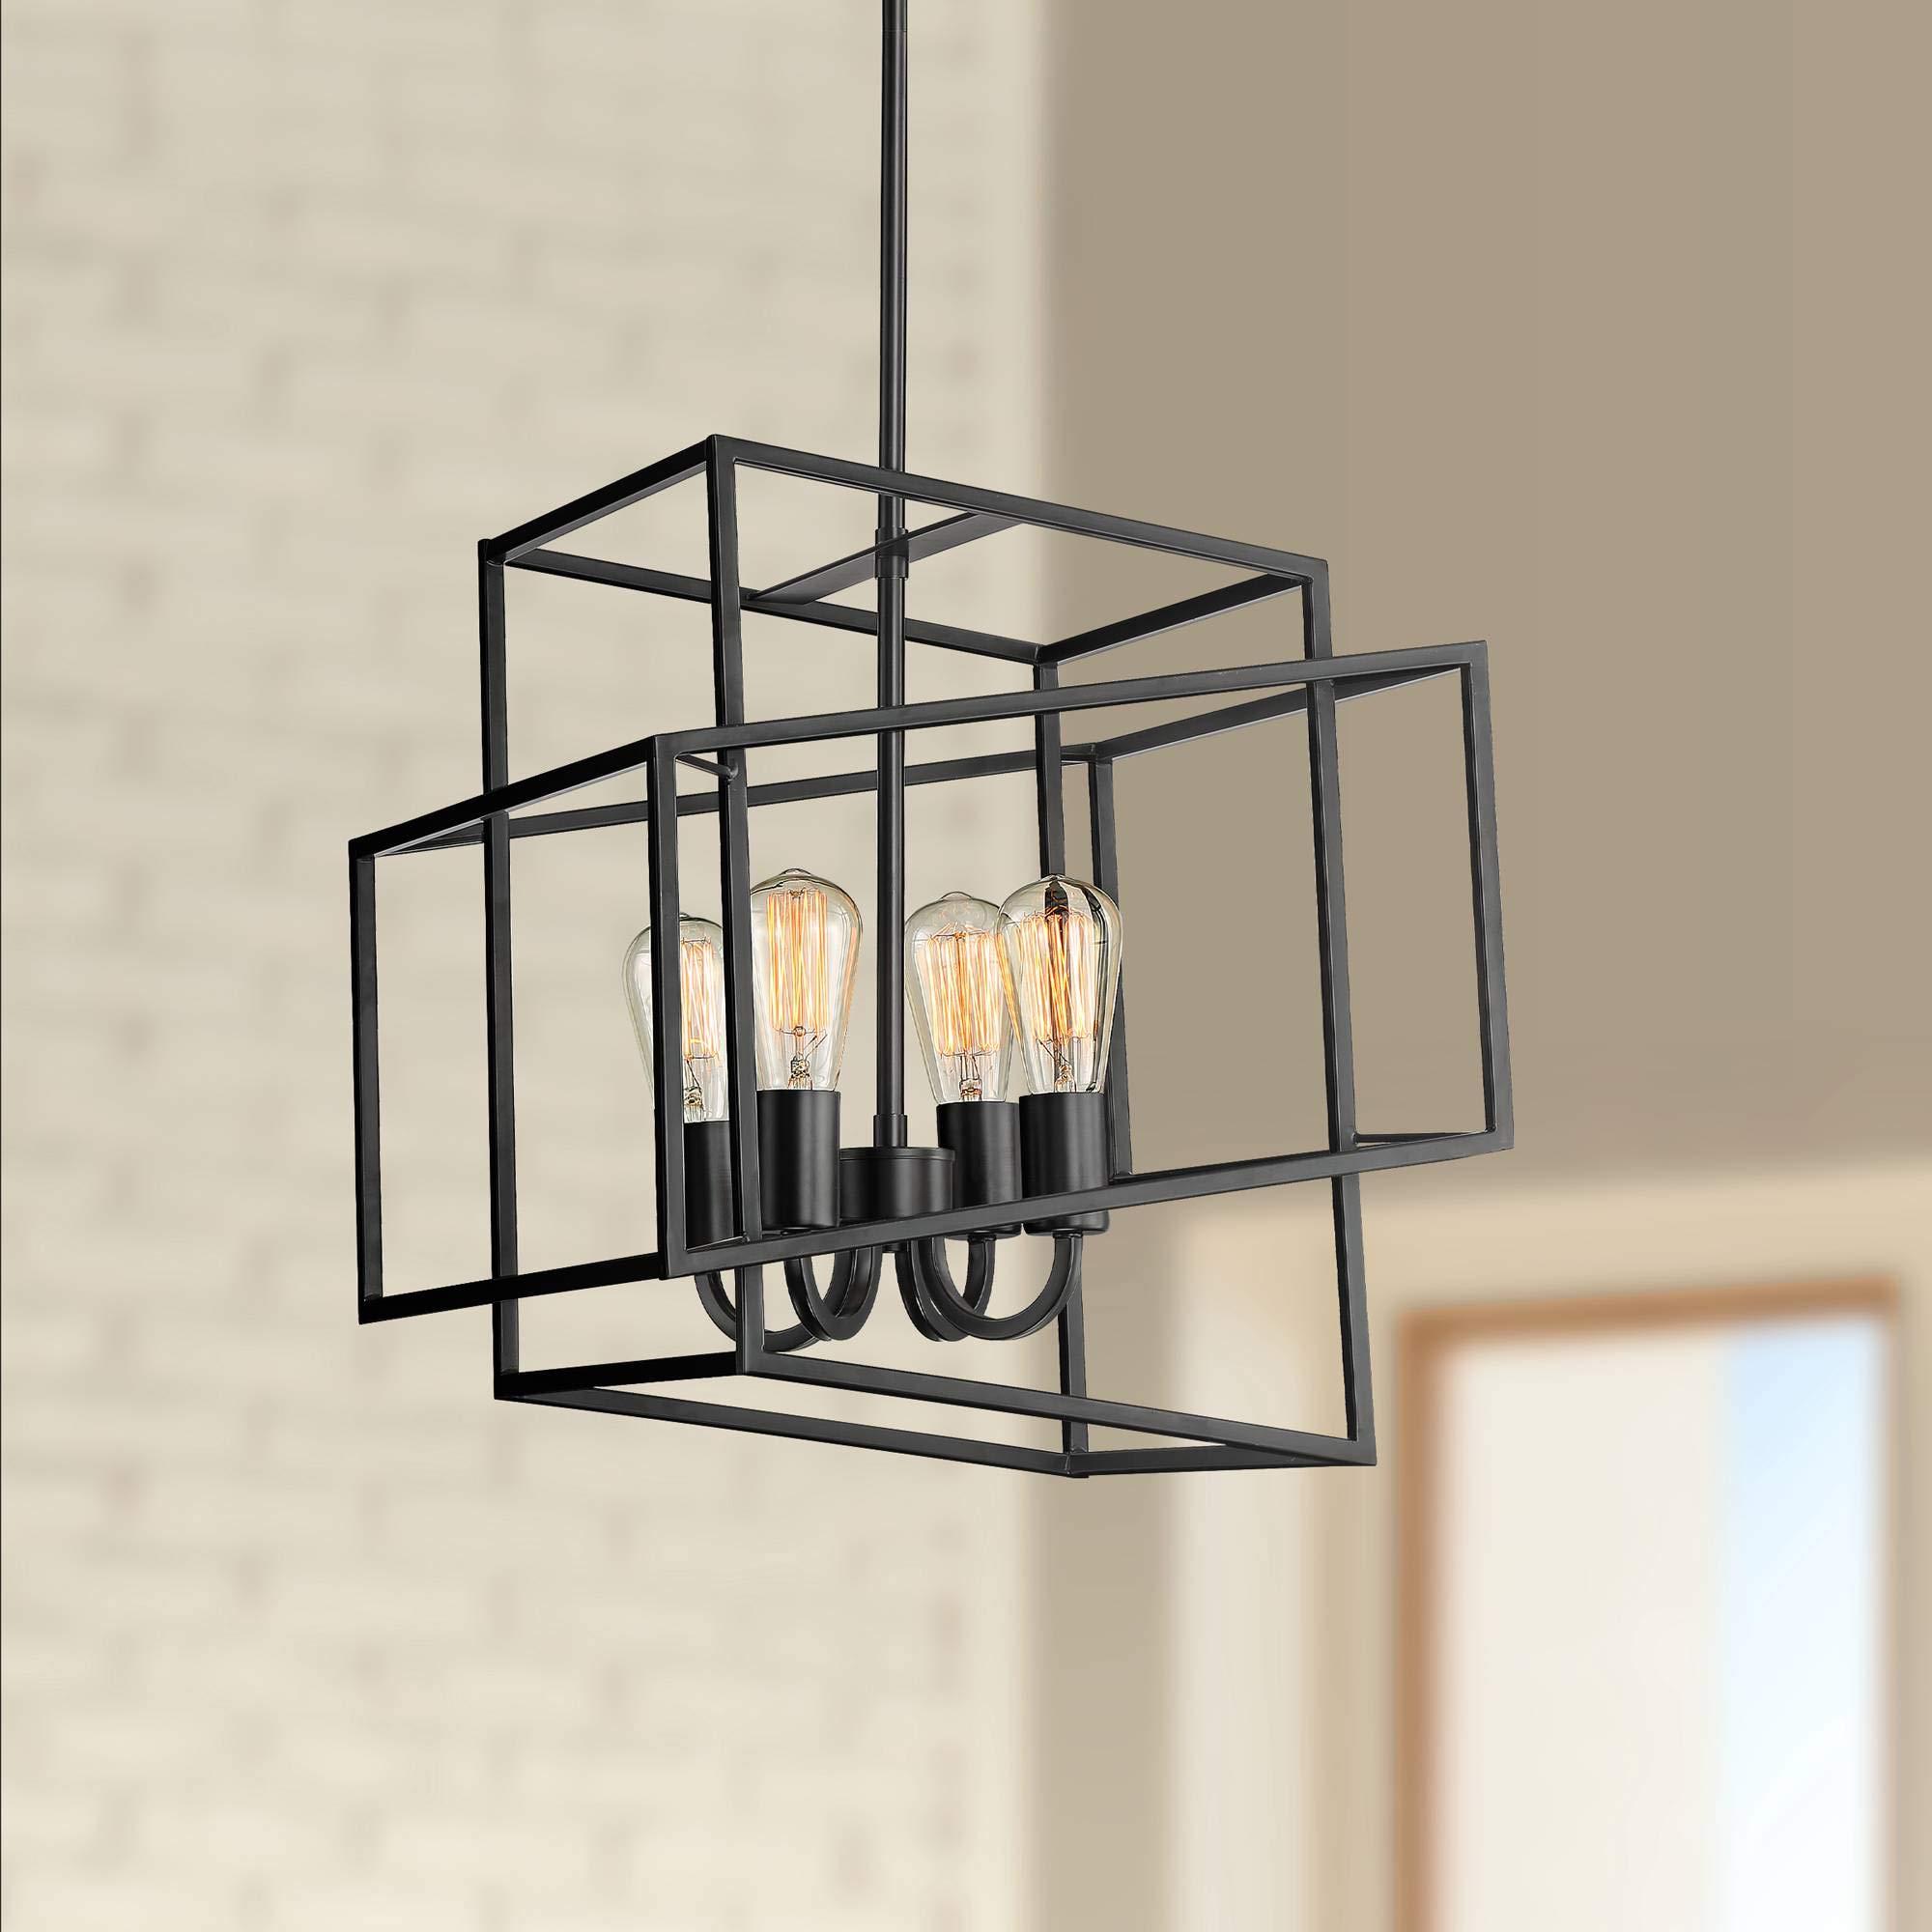 Possini Euro Rinaldi 15 3/4''W Bronze 4-Light Cube Pendant - Possini Euro Design